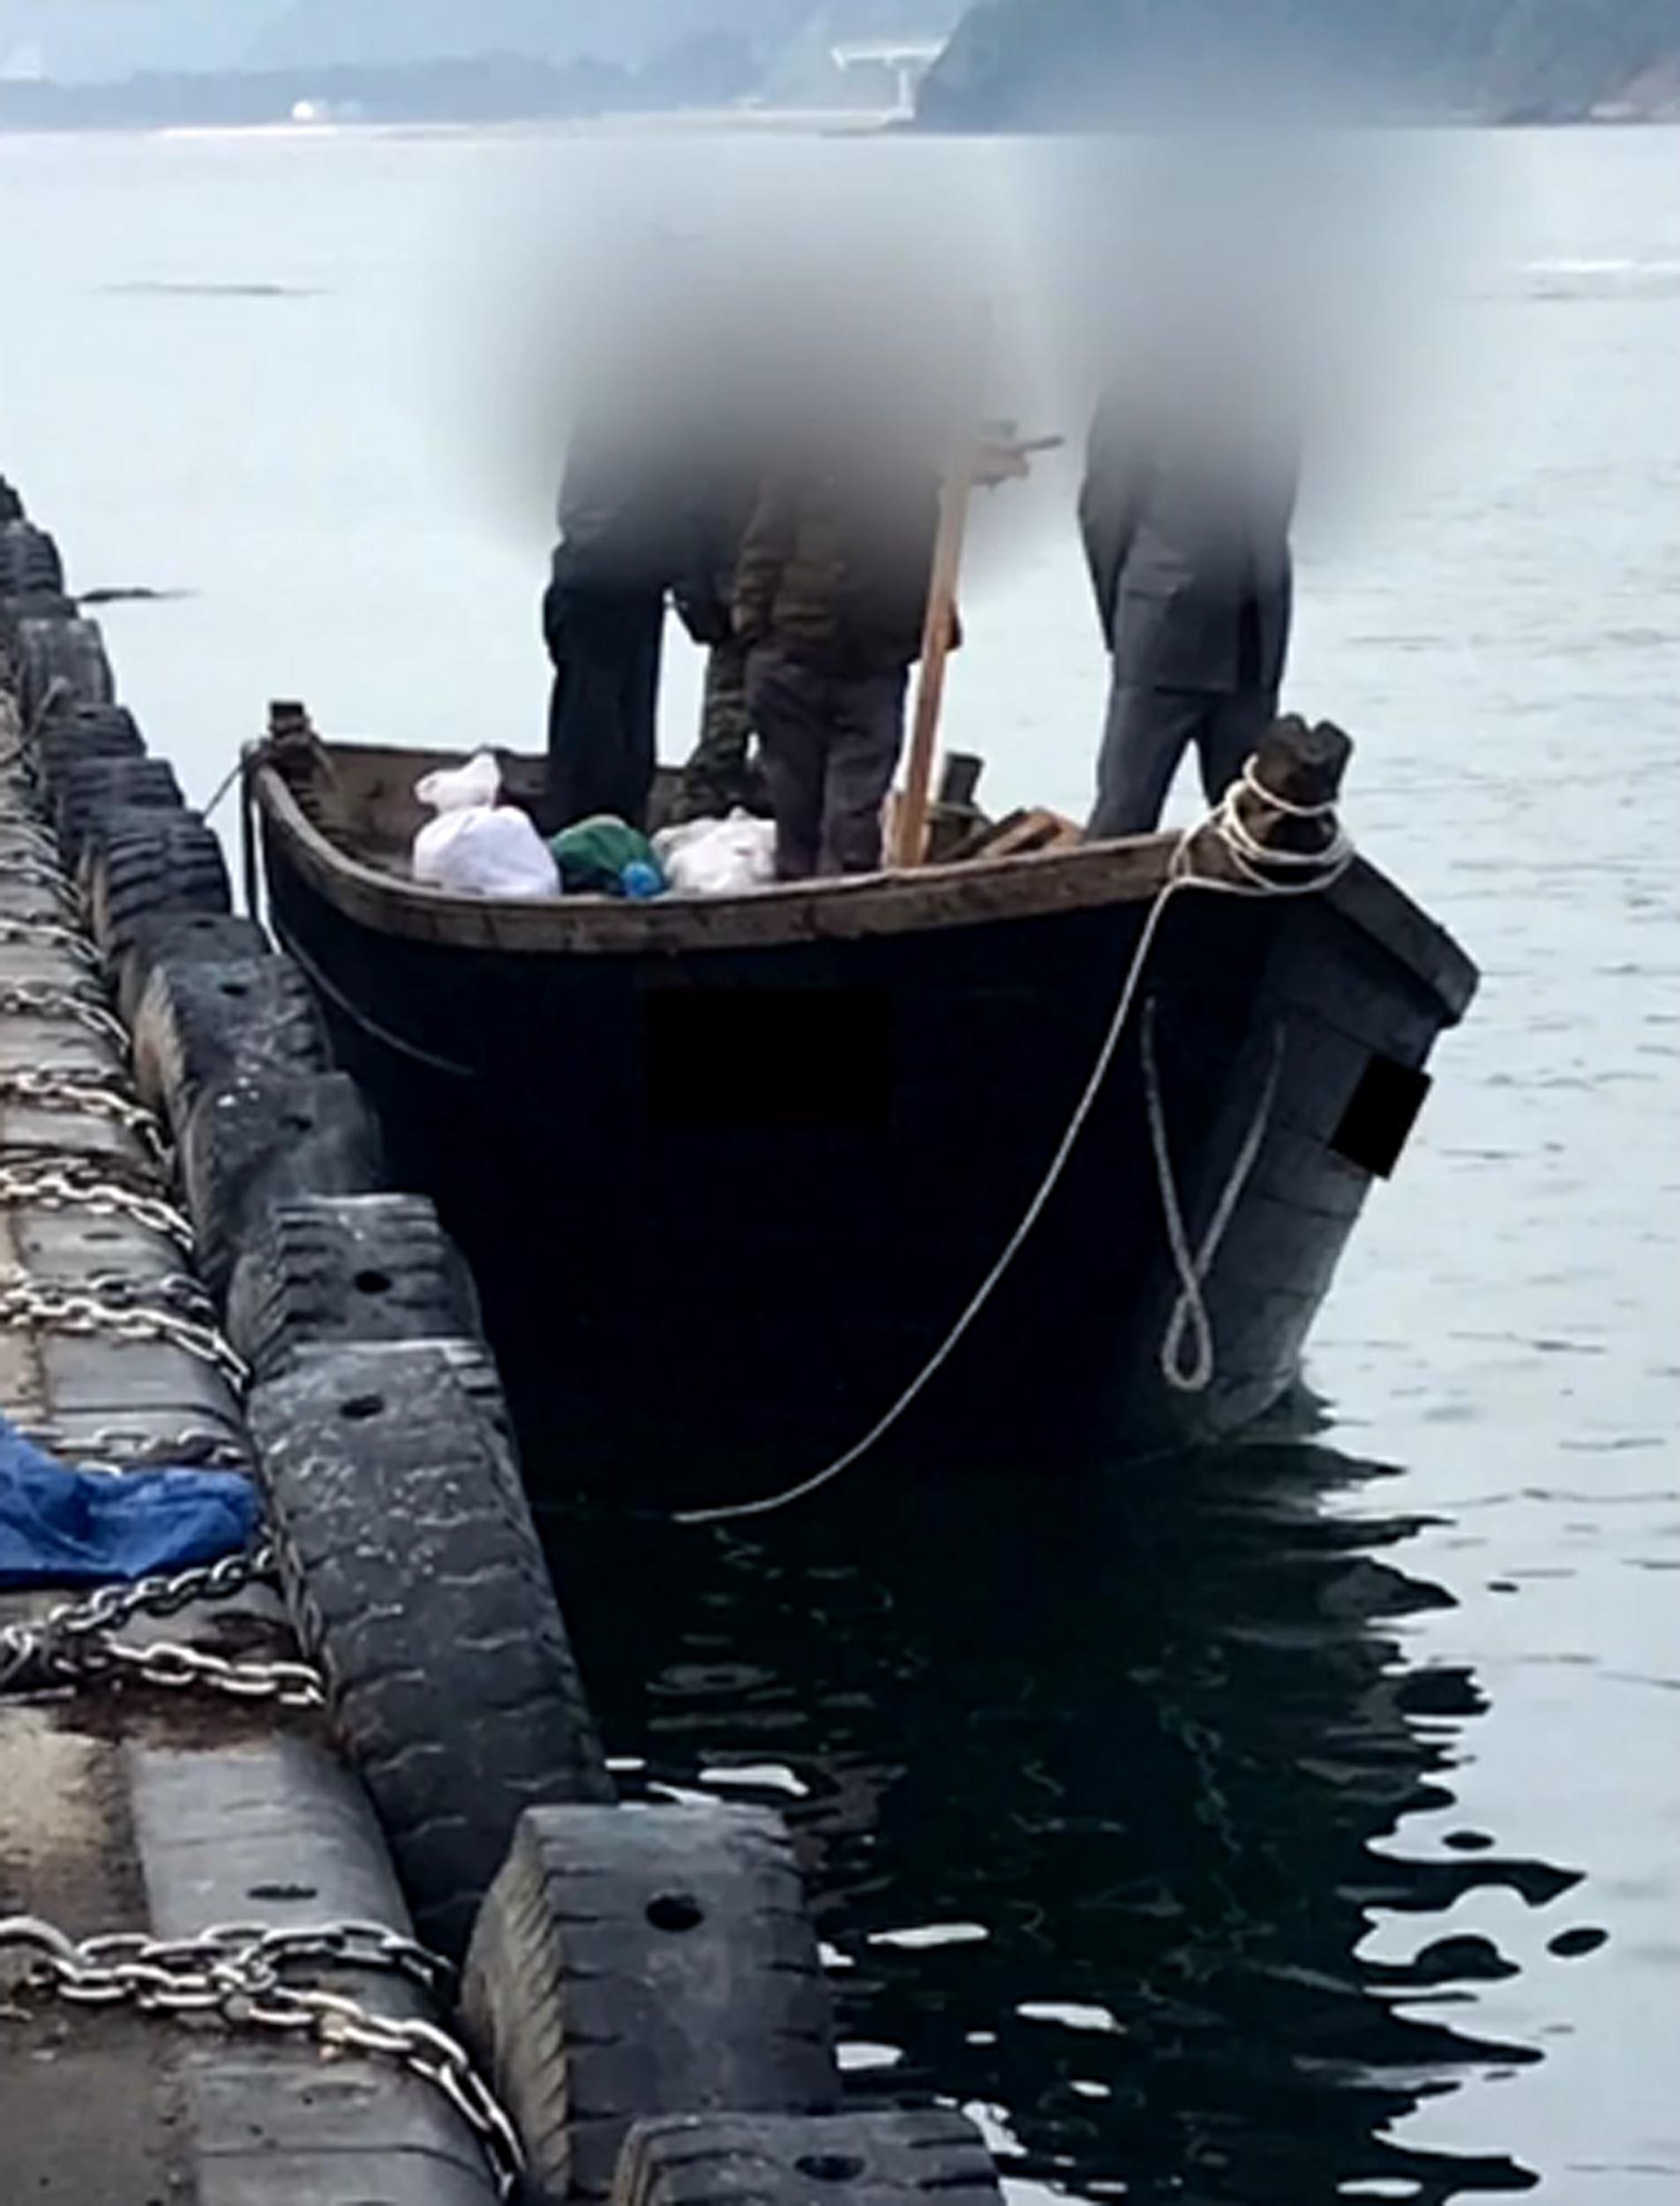 지난 15일 북한 선원 4명이 탄 어선이 연안에서 조업 중인 어민의 신고로 발견됐다는 정부 당국의 발표와 달리 삼척항에 정박했다고 KBS가 18일 보도했다. 사진은 북한 어선이 삼척항 내에 정박한 뒤 우리 주민과 대화하는 모습. [사진 KBS]